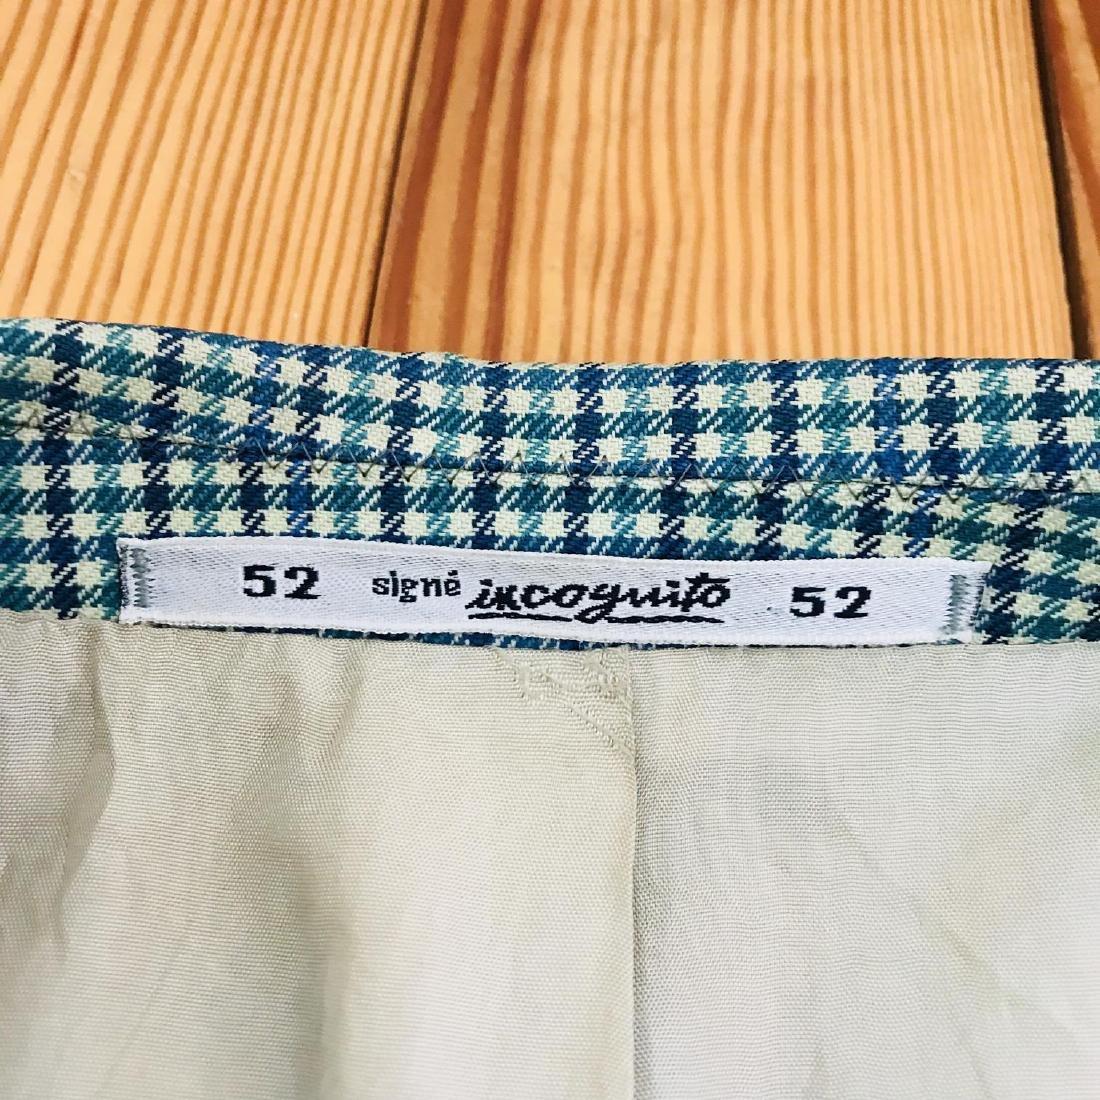 Vintage Men's Jacket Blazer Size US 42 EUR 52 - 10